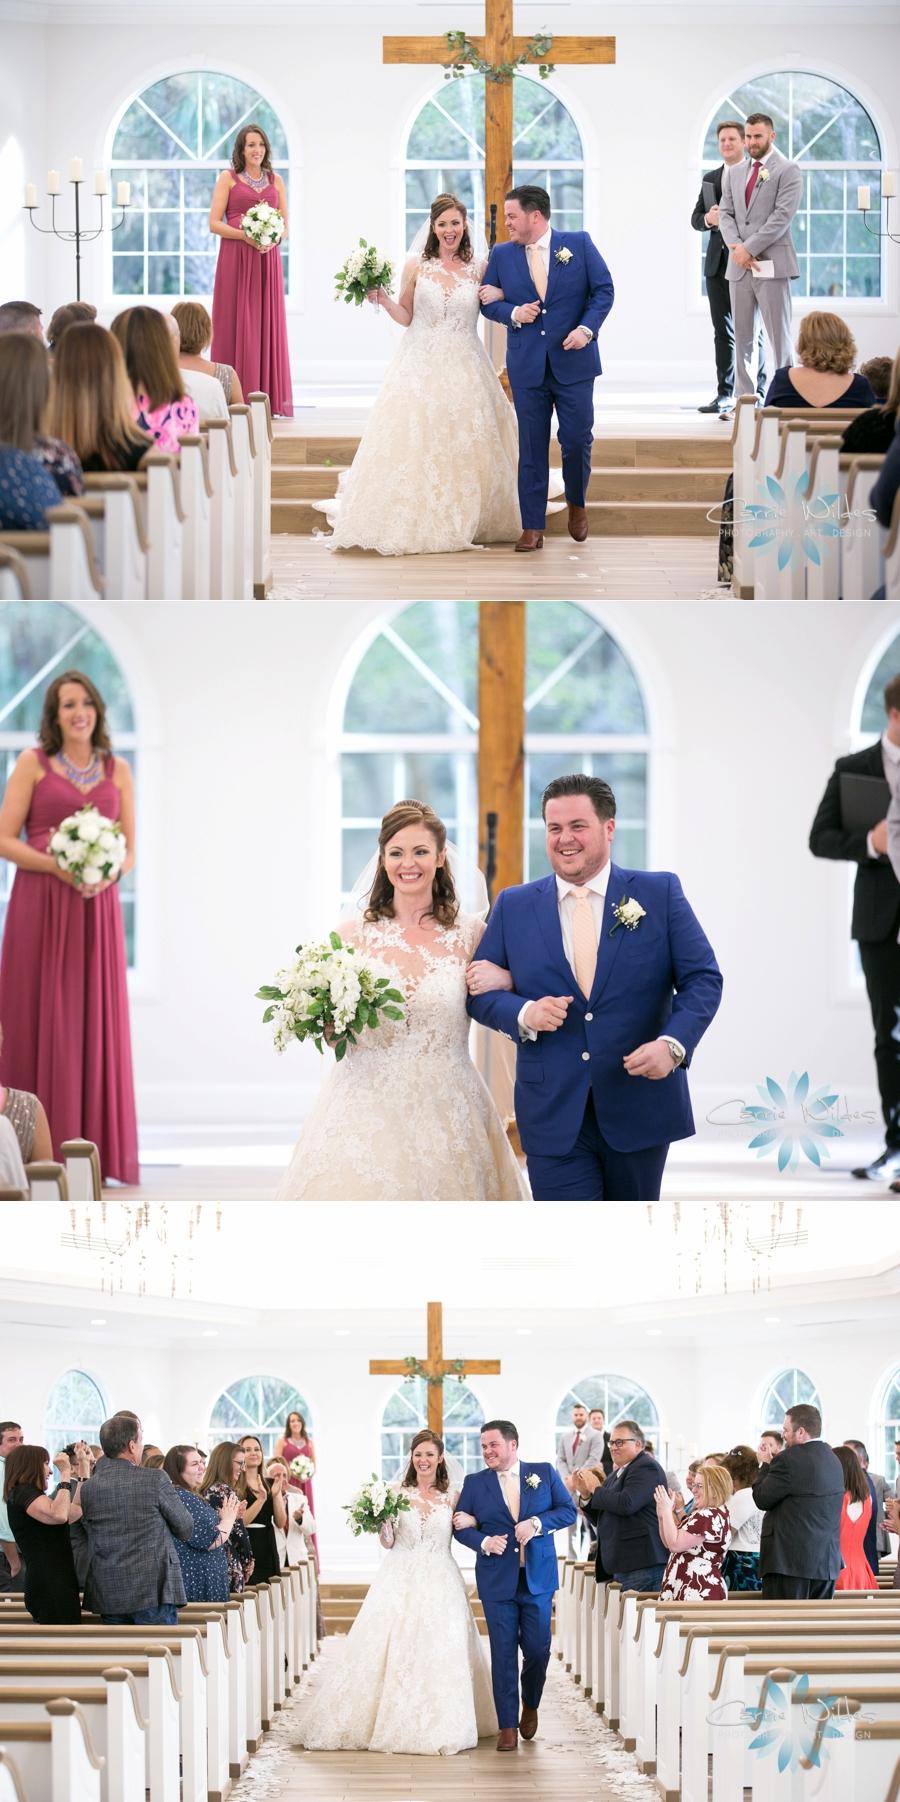 2_24_19 Jen and Daniel Harborside Chapel Wedding_0022.jpg